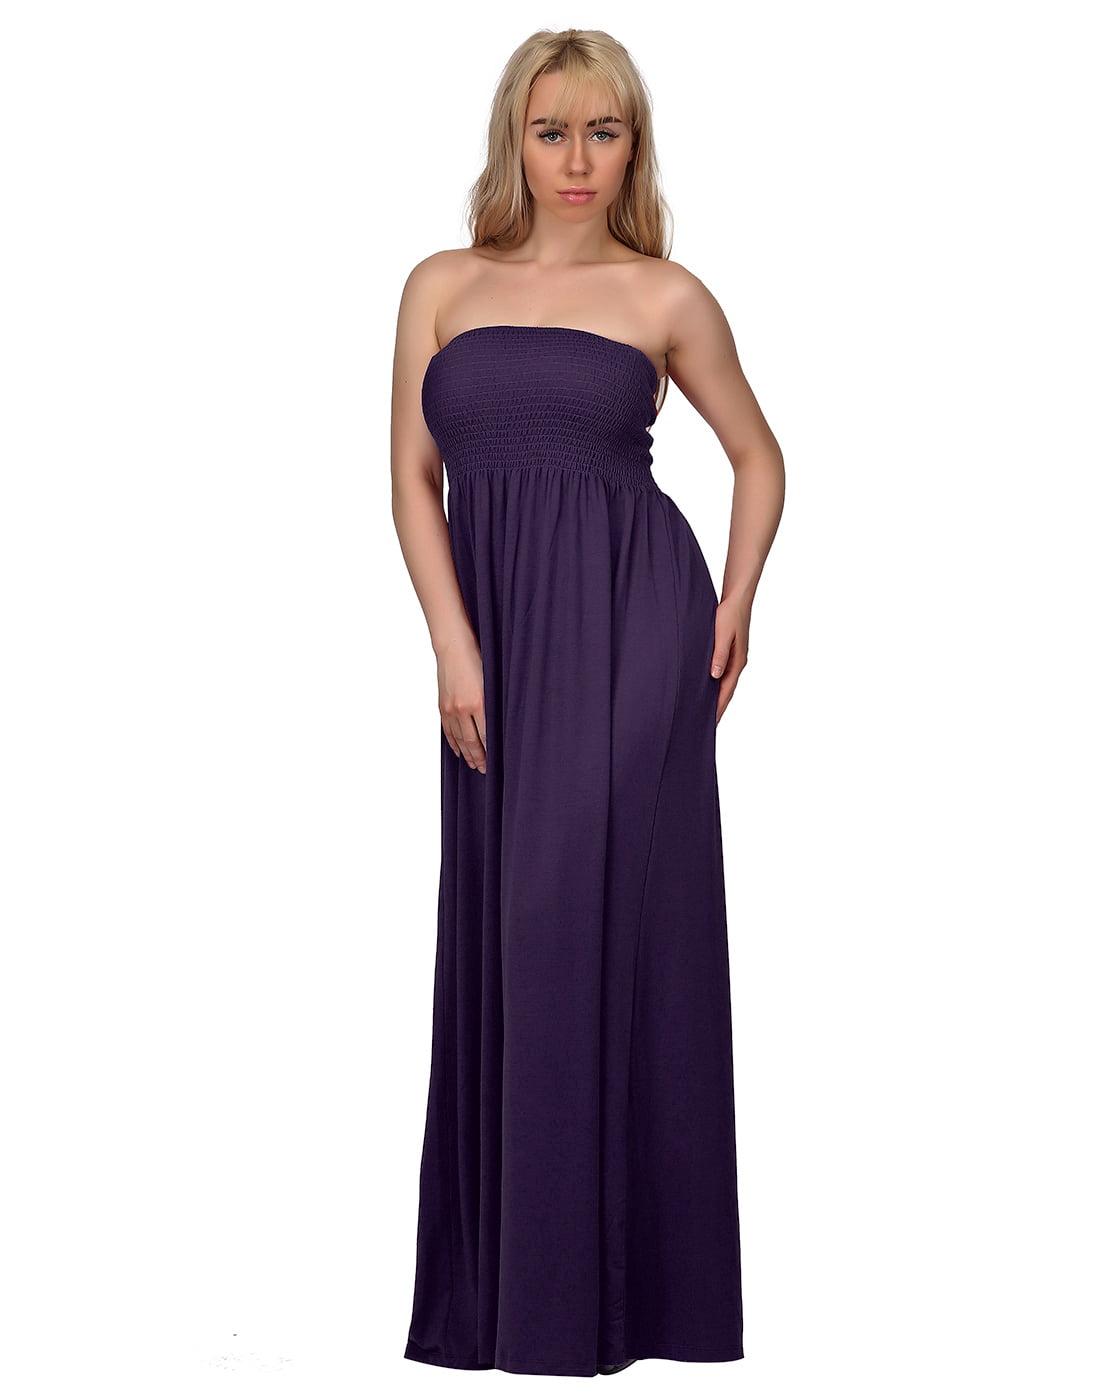 HDE Women\'s Strapless Maxi Dress Plus Size Tube Top Long Skirt Sundress